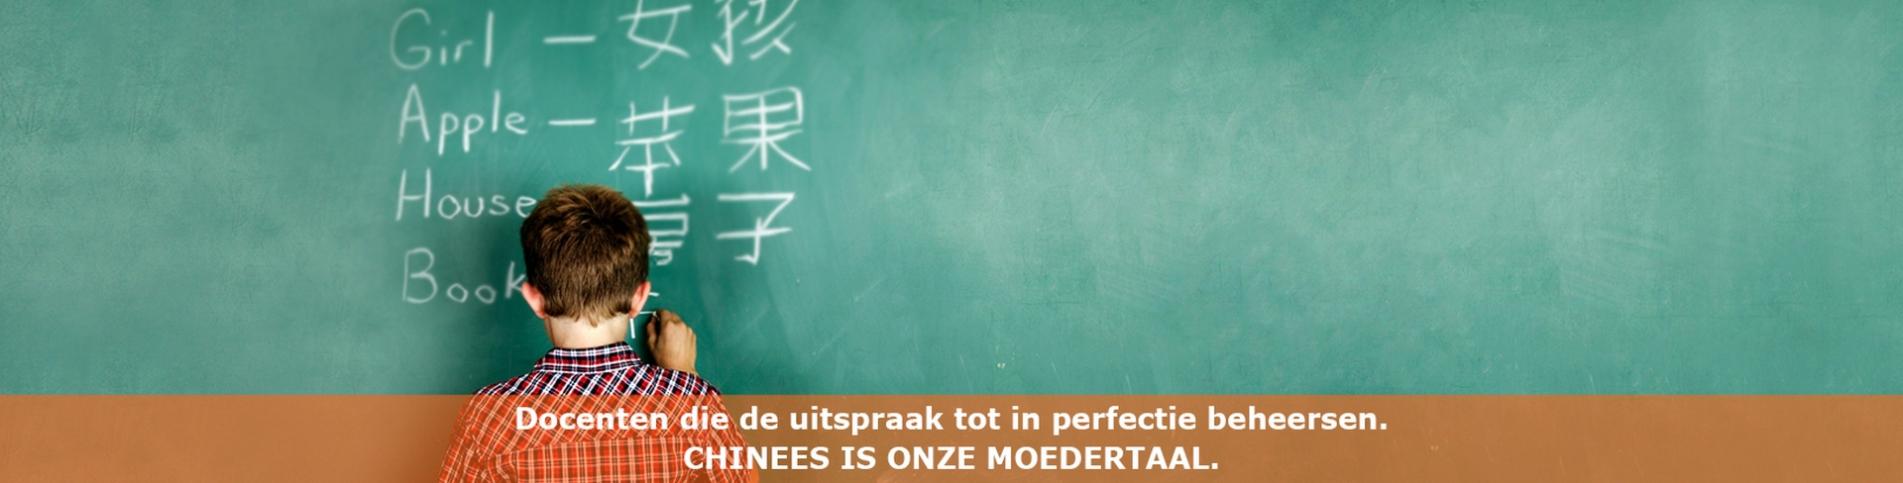 Chinees Chinese Les Leren onderwijs cursus taal spoed Gooi Vecht Eem Baarn Hilversum Utrecht